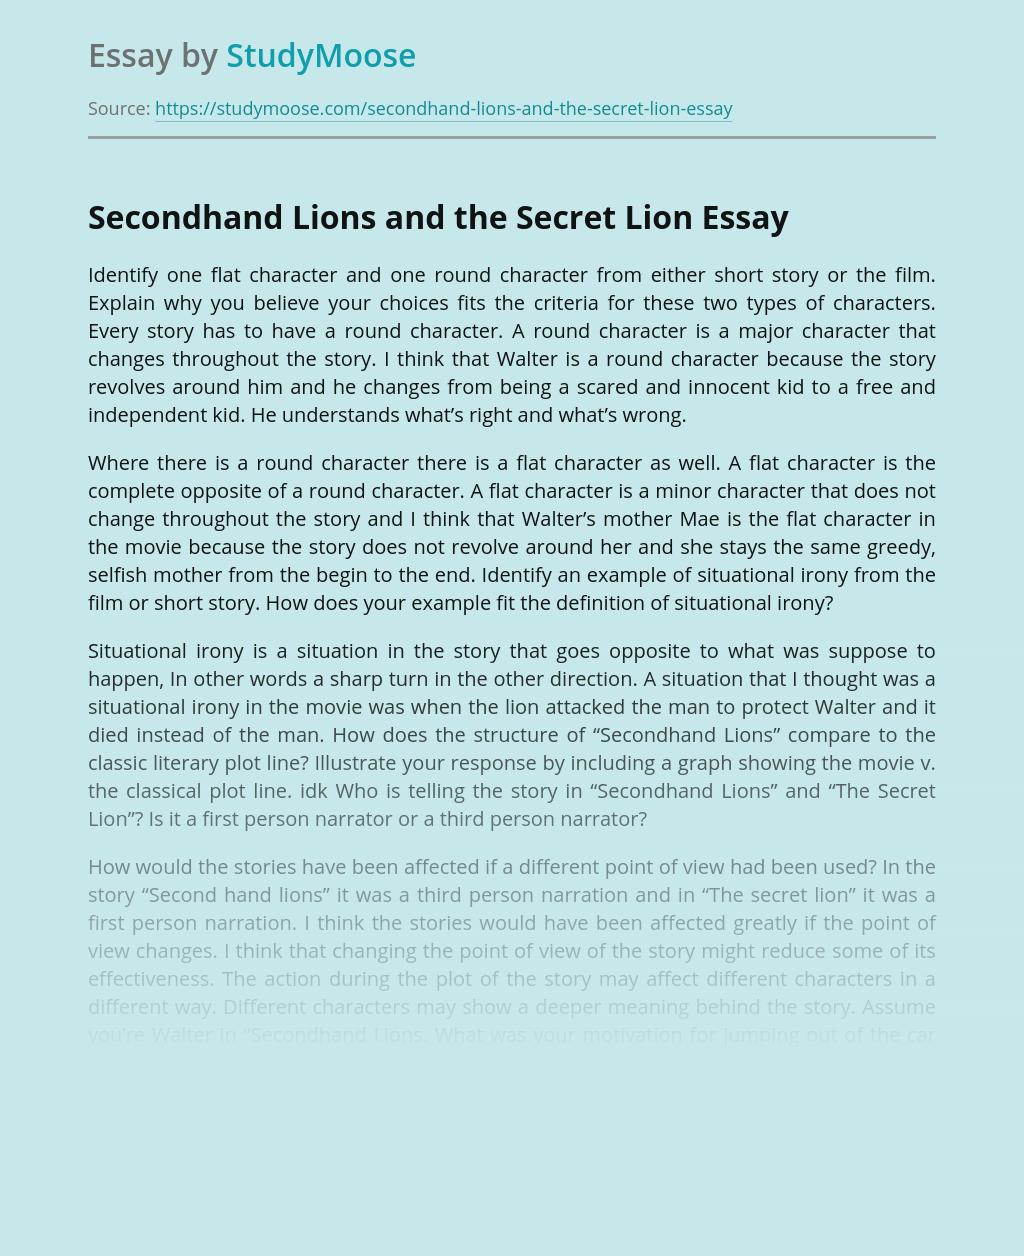 Secondhand Lions and the Secret Lion